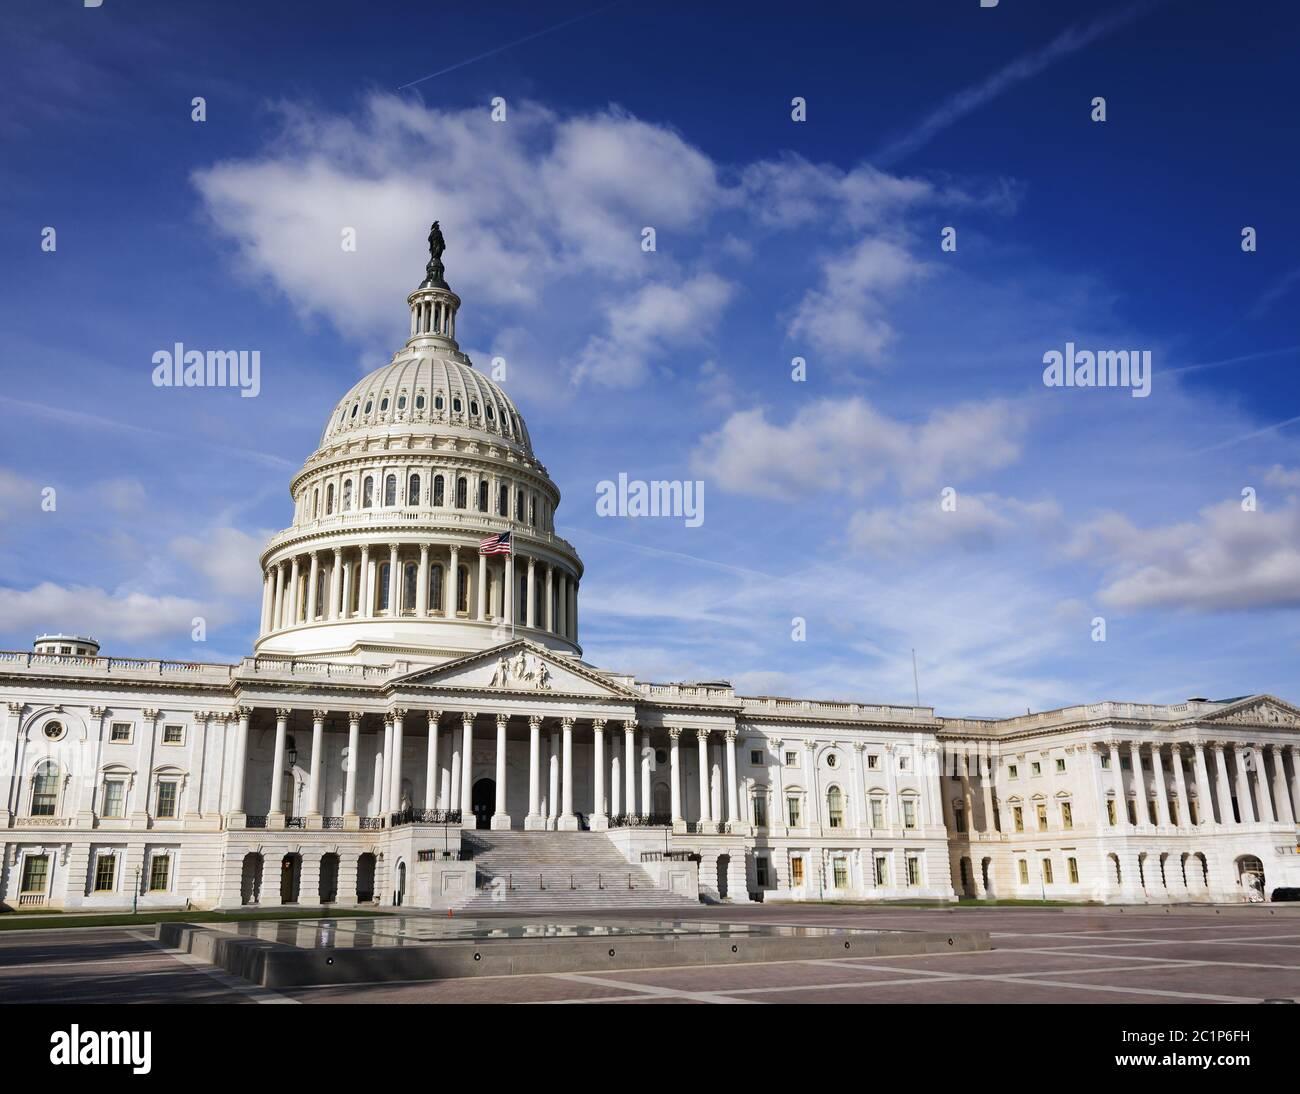 Façade du Congrès des États-Unis sur Capitol Hill, Washington DC Banque D'Images